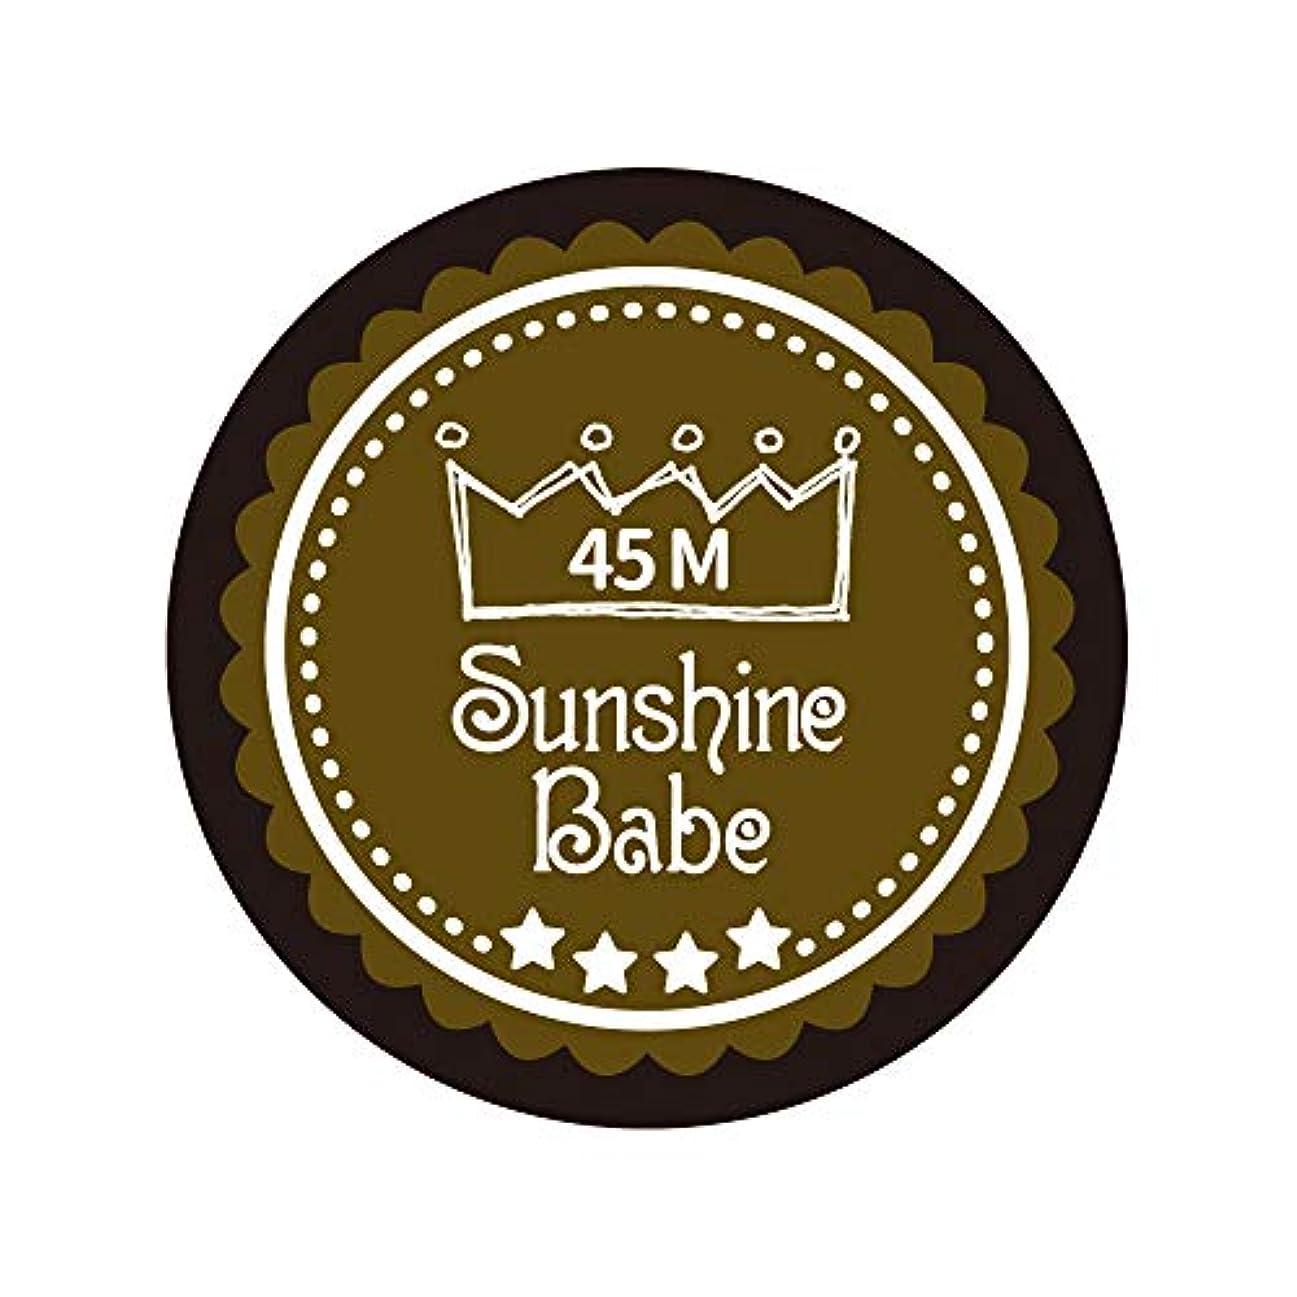 クリープブーム地区Sunshine Babe カラージェル 45M マティーニオリーブ 4g UV/LED対応